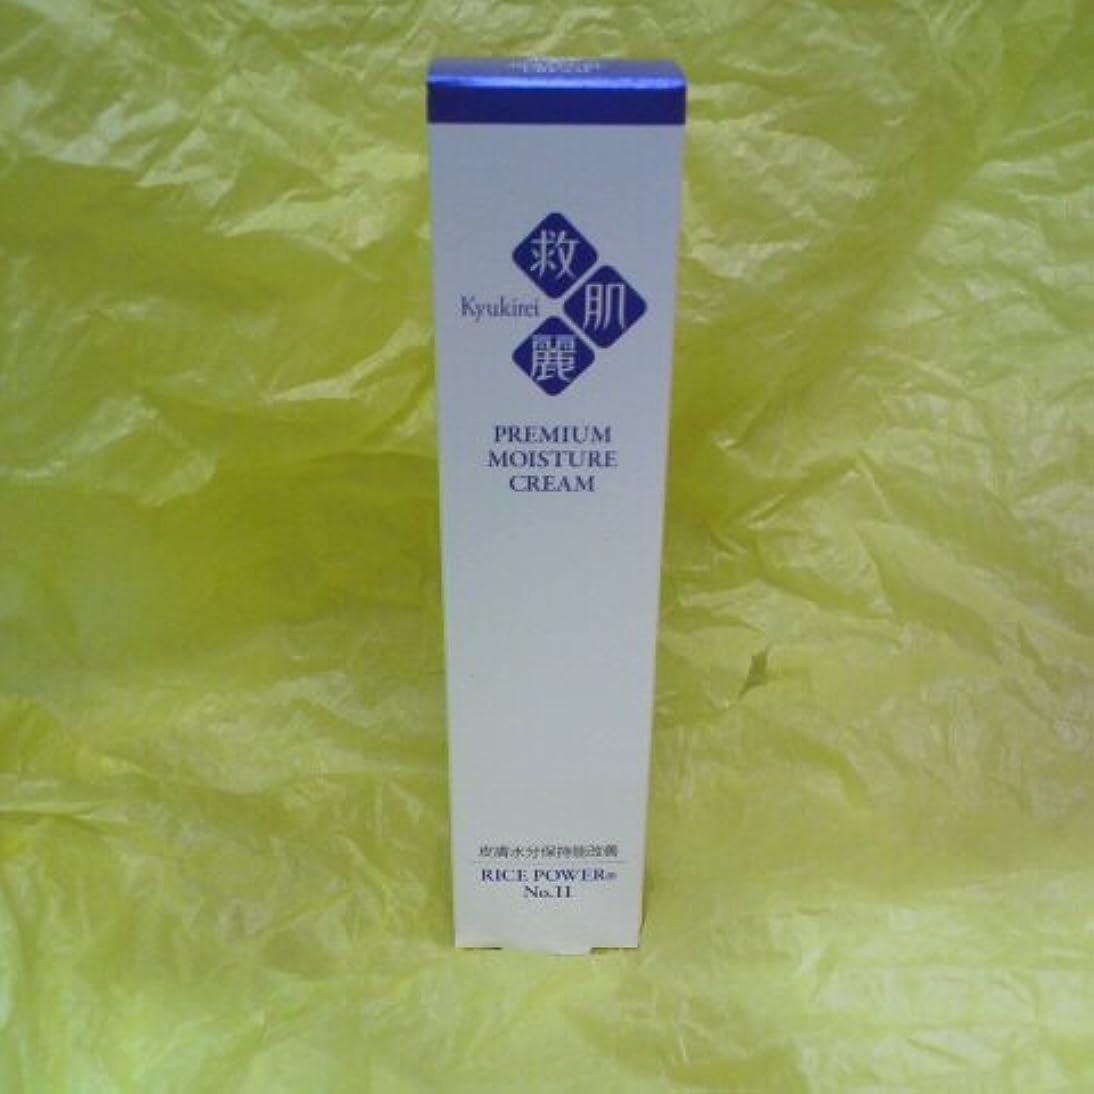 膨らませる深く意志に反する救肌麗 薬用クリーム 40g (ライスパワー№11配合 無香料、無着色)医薬部外品